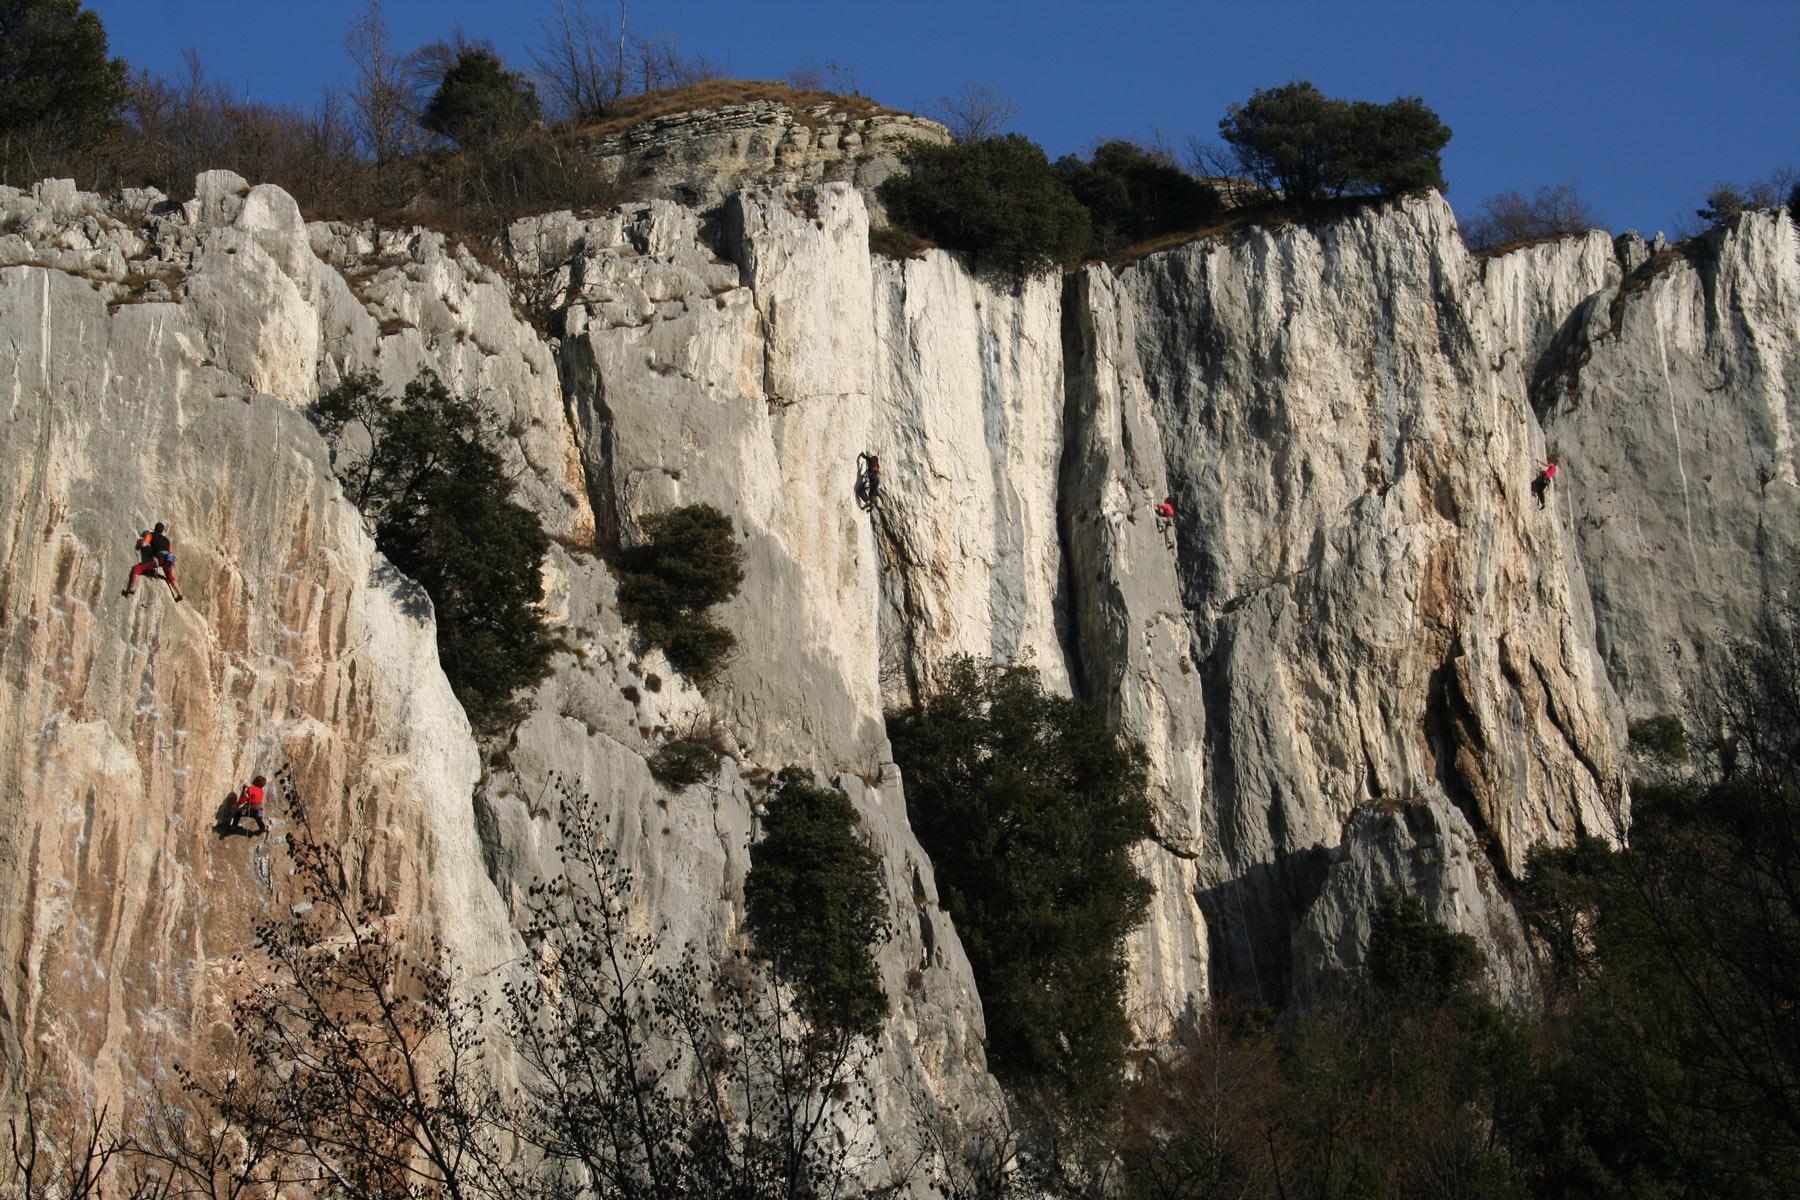 3-day sport climbing course in Arco, near Lake Garda